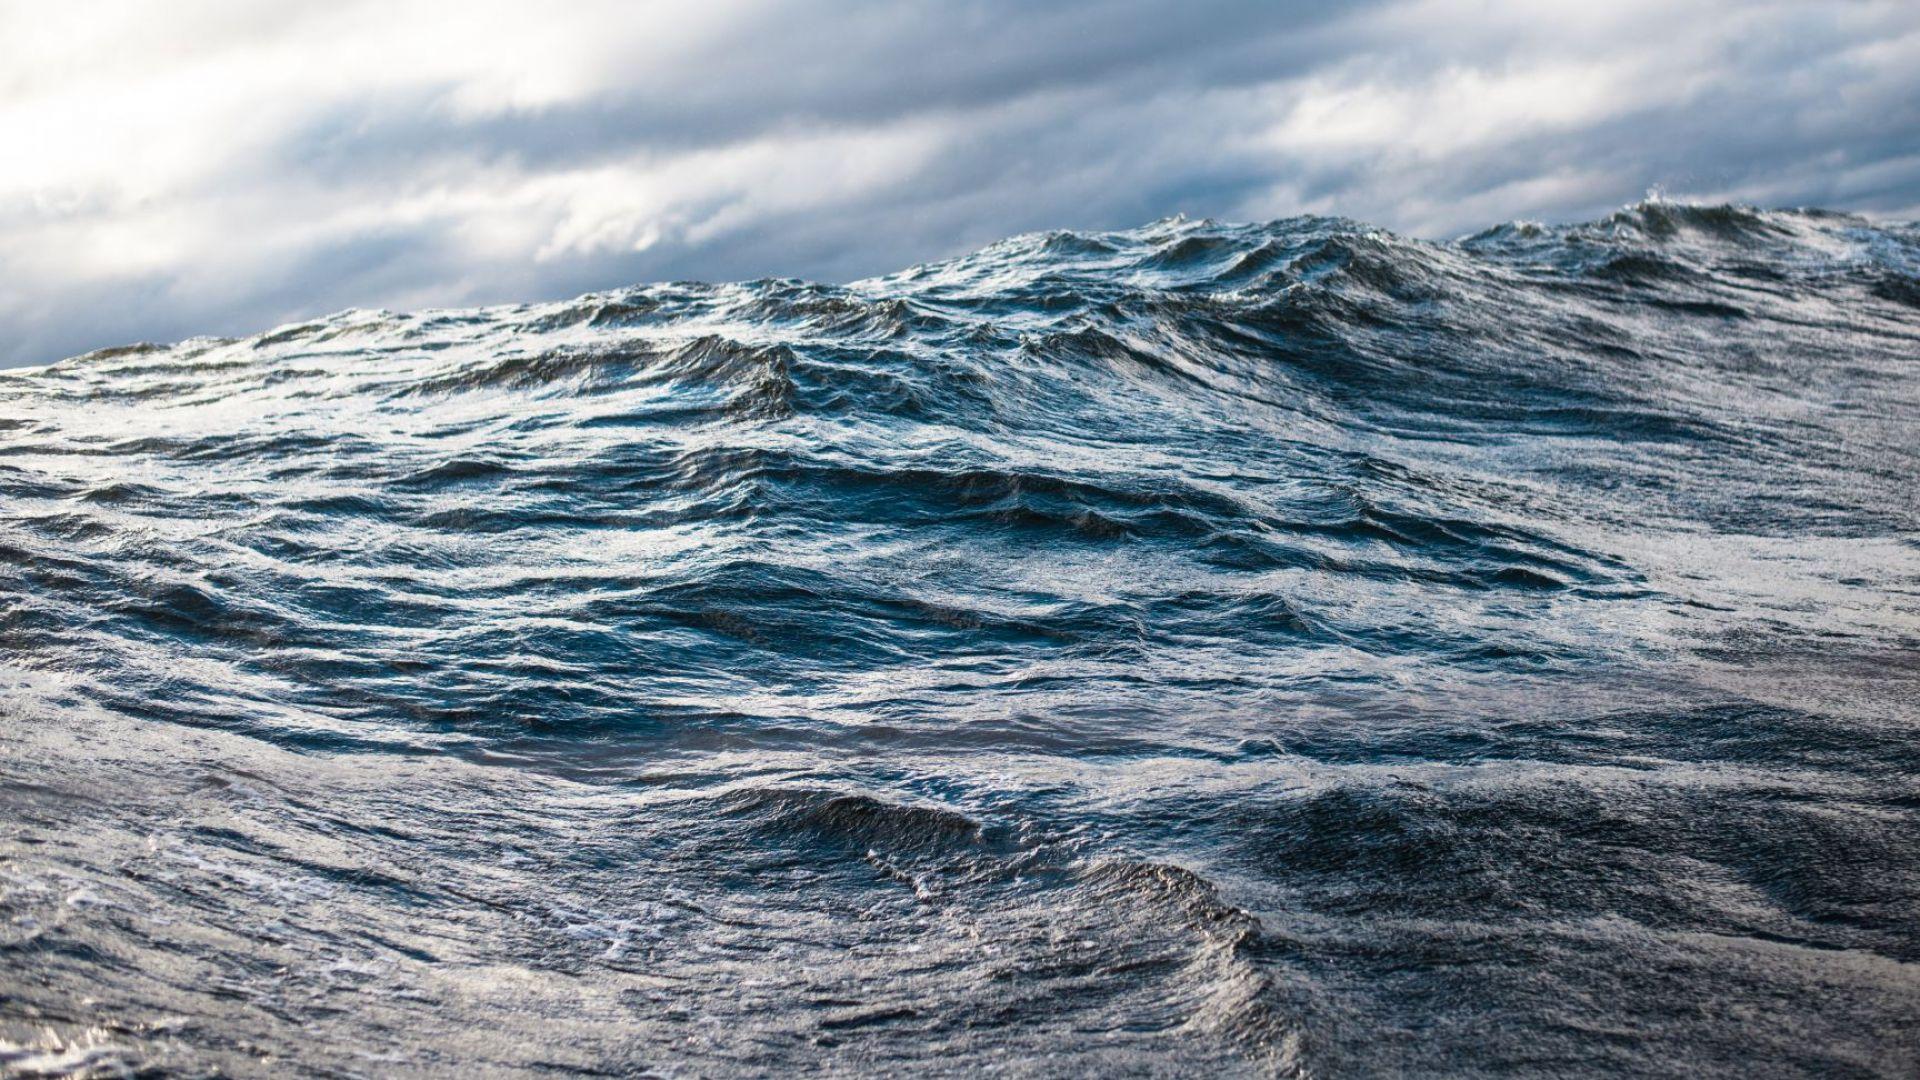 Двама български моряци паднаха от кораб в Норвежко море, не можаха да ги спасят